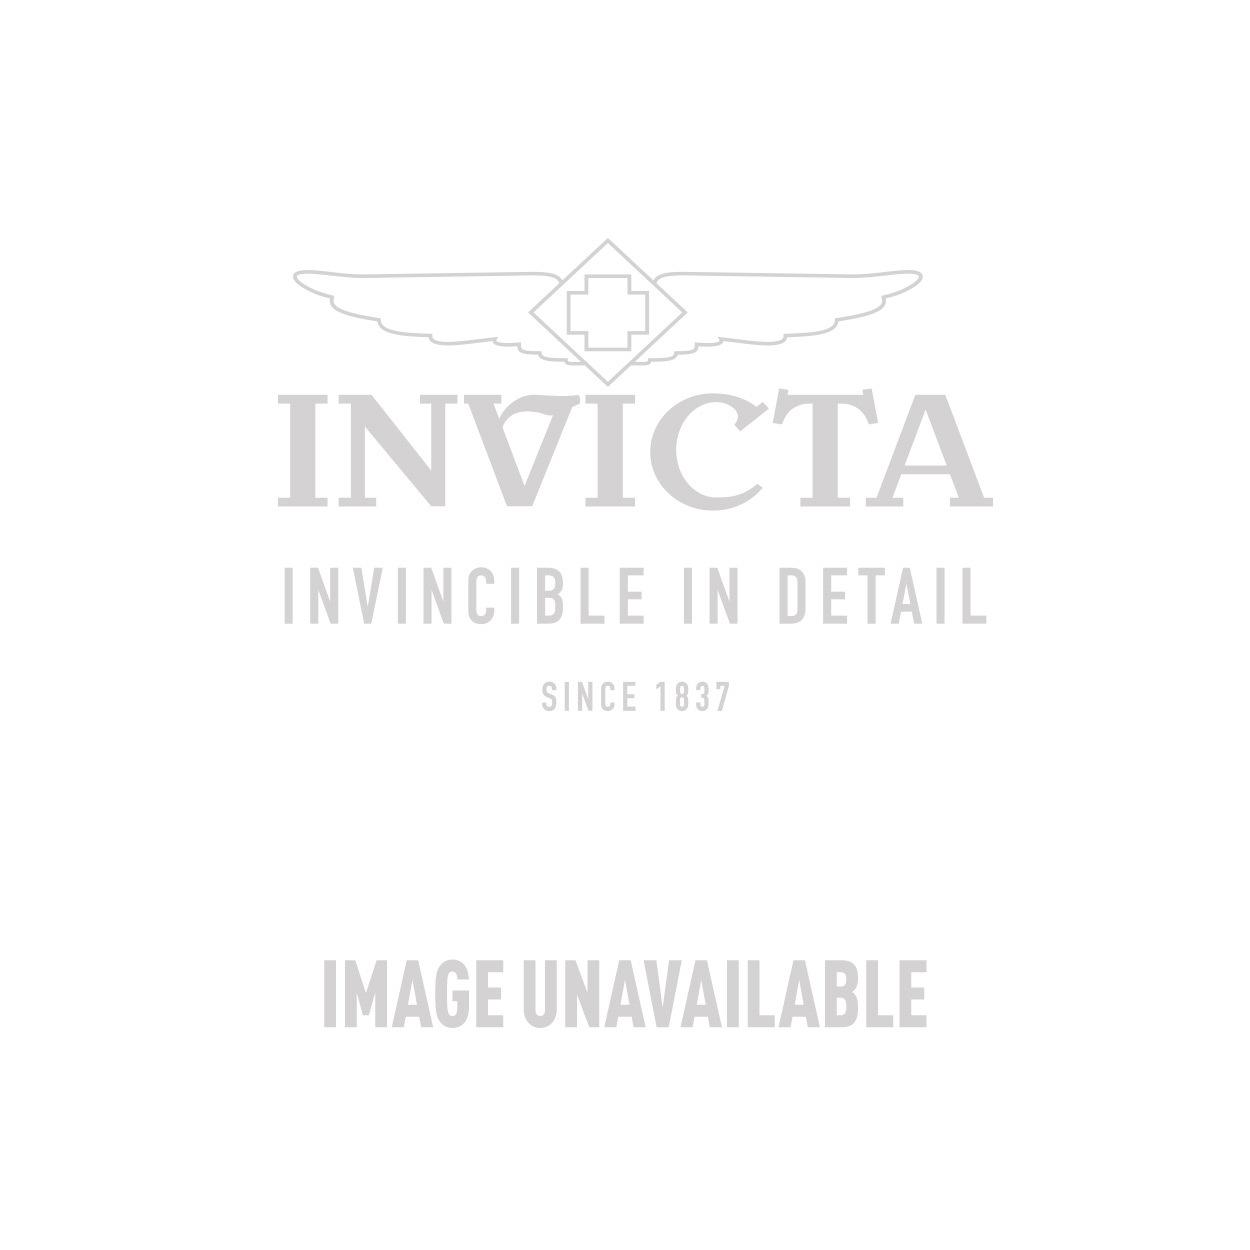 Invicta Model 25134